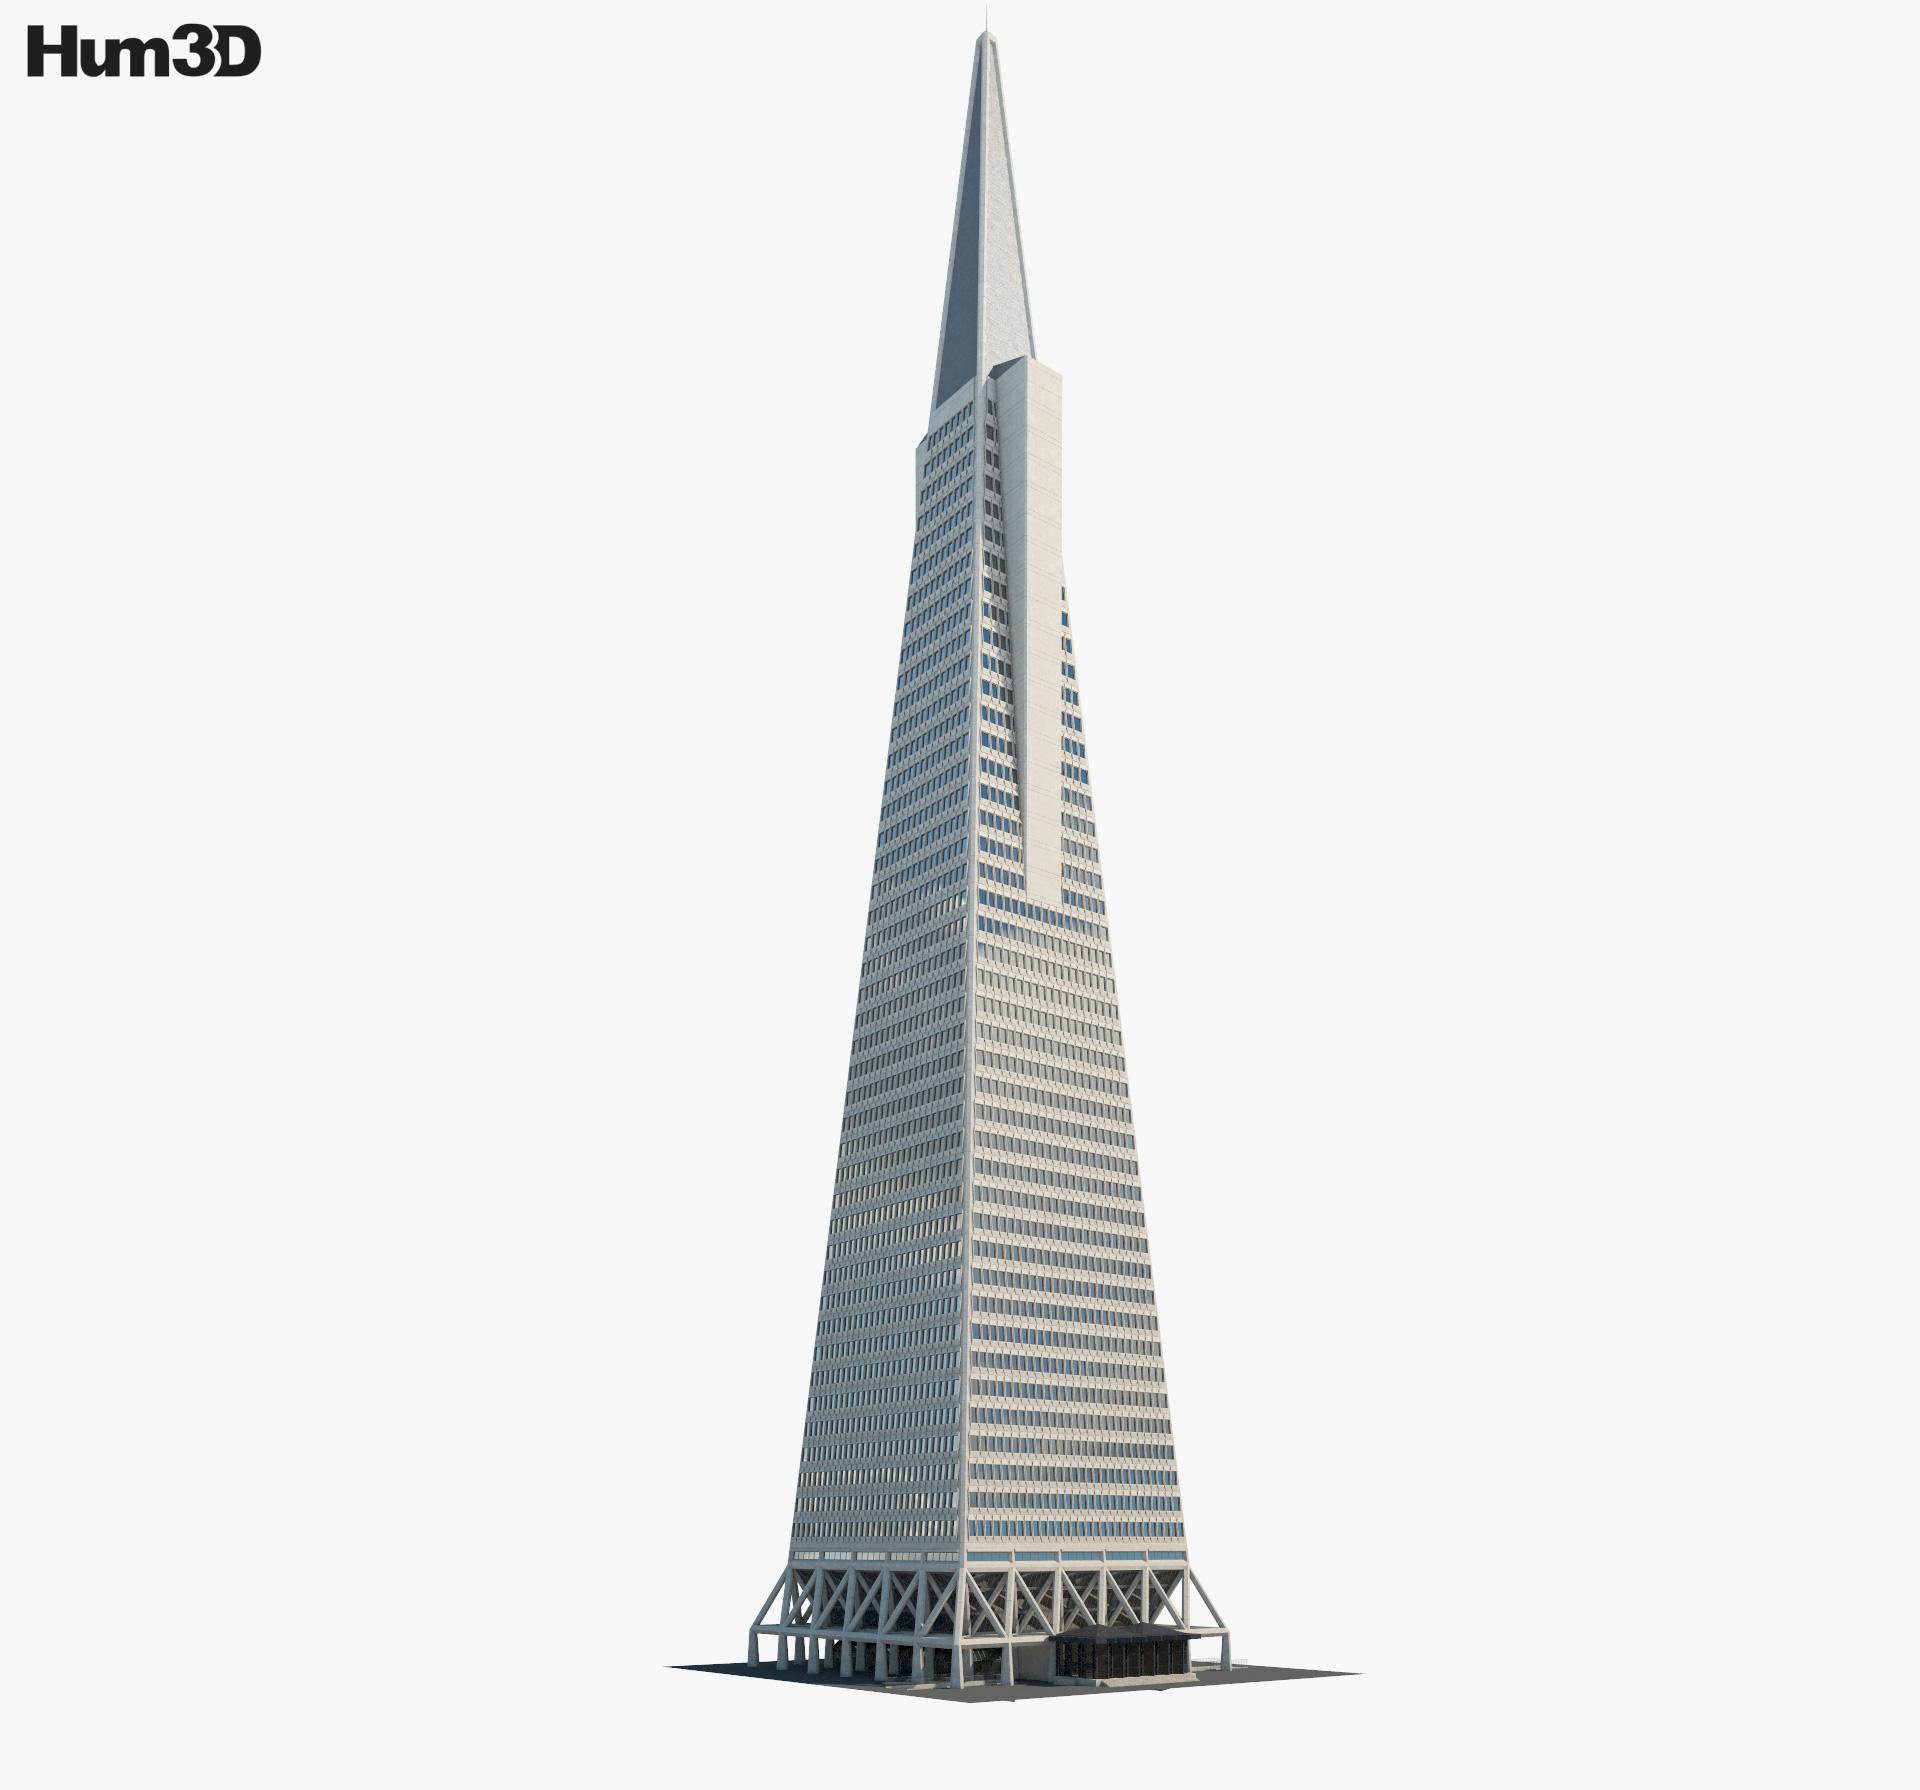 3D model of Transamerica Pyramid